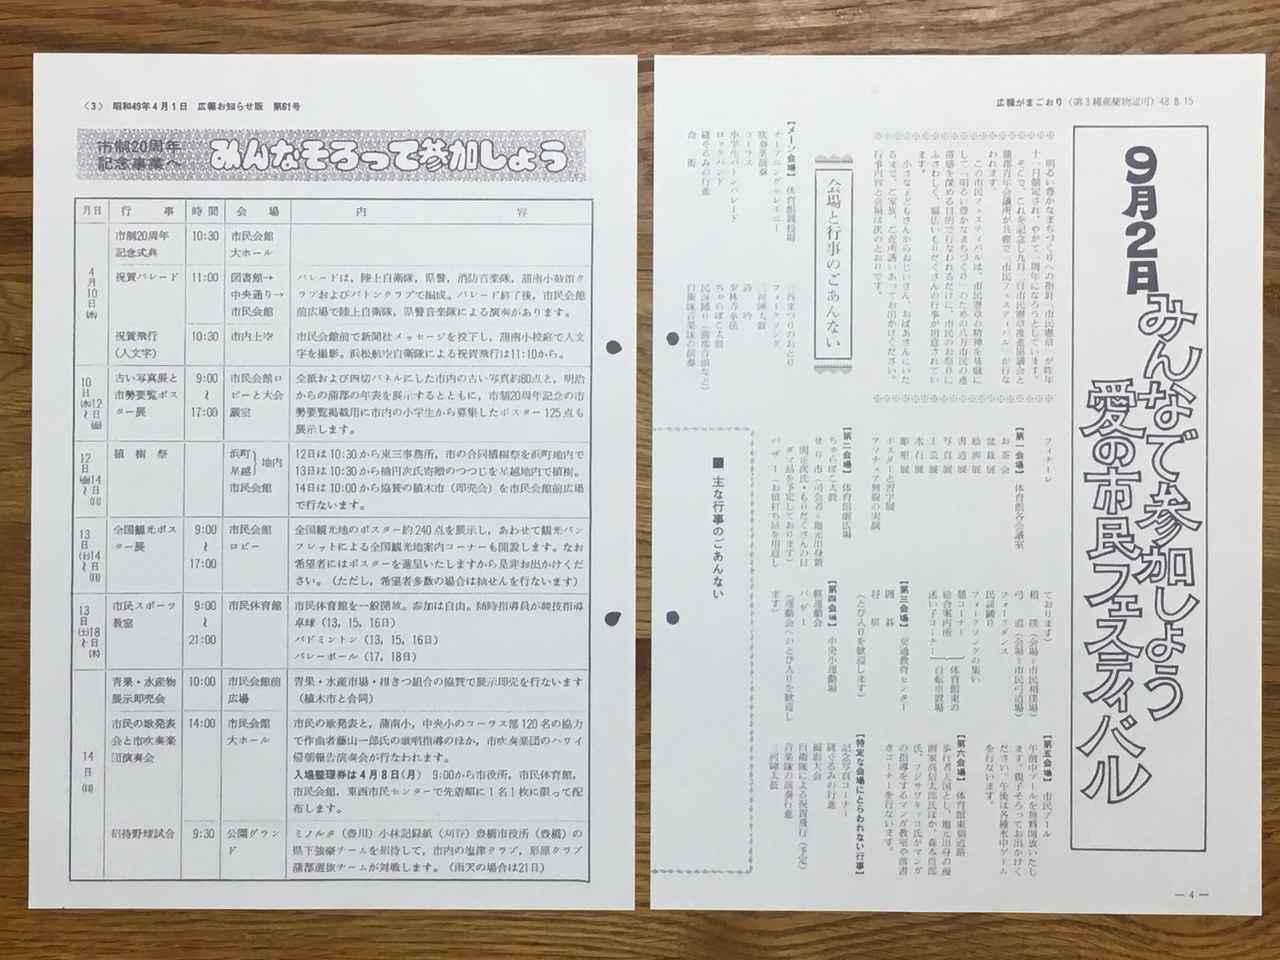 画像: ブルーが飛んだ記録がある1973.9.2蒲郡市民フェスティバル(左)と1974.4.10蒲郡市制20周年記念事業の告知記事(広報がまごおり1973.8.15号と1974.4.1号)